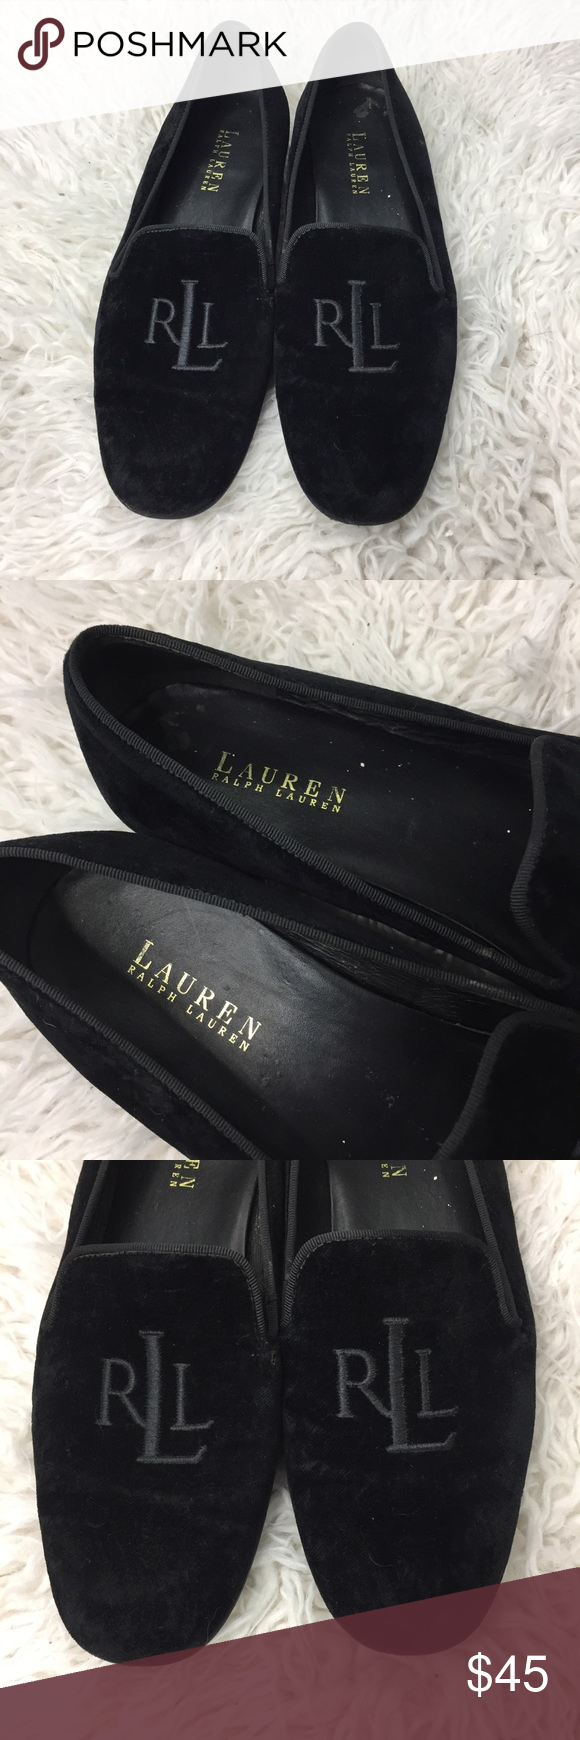 Ralph Lauren size 6 | Shoes women heels, Ralph lauren